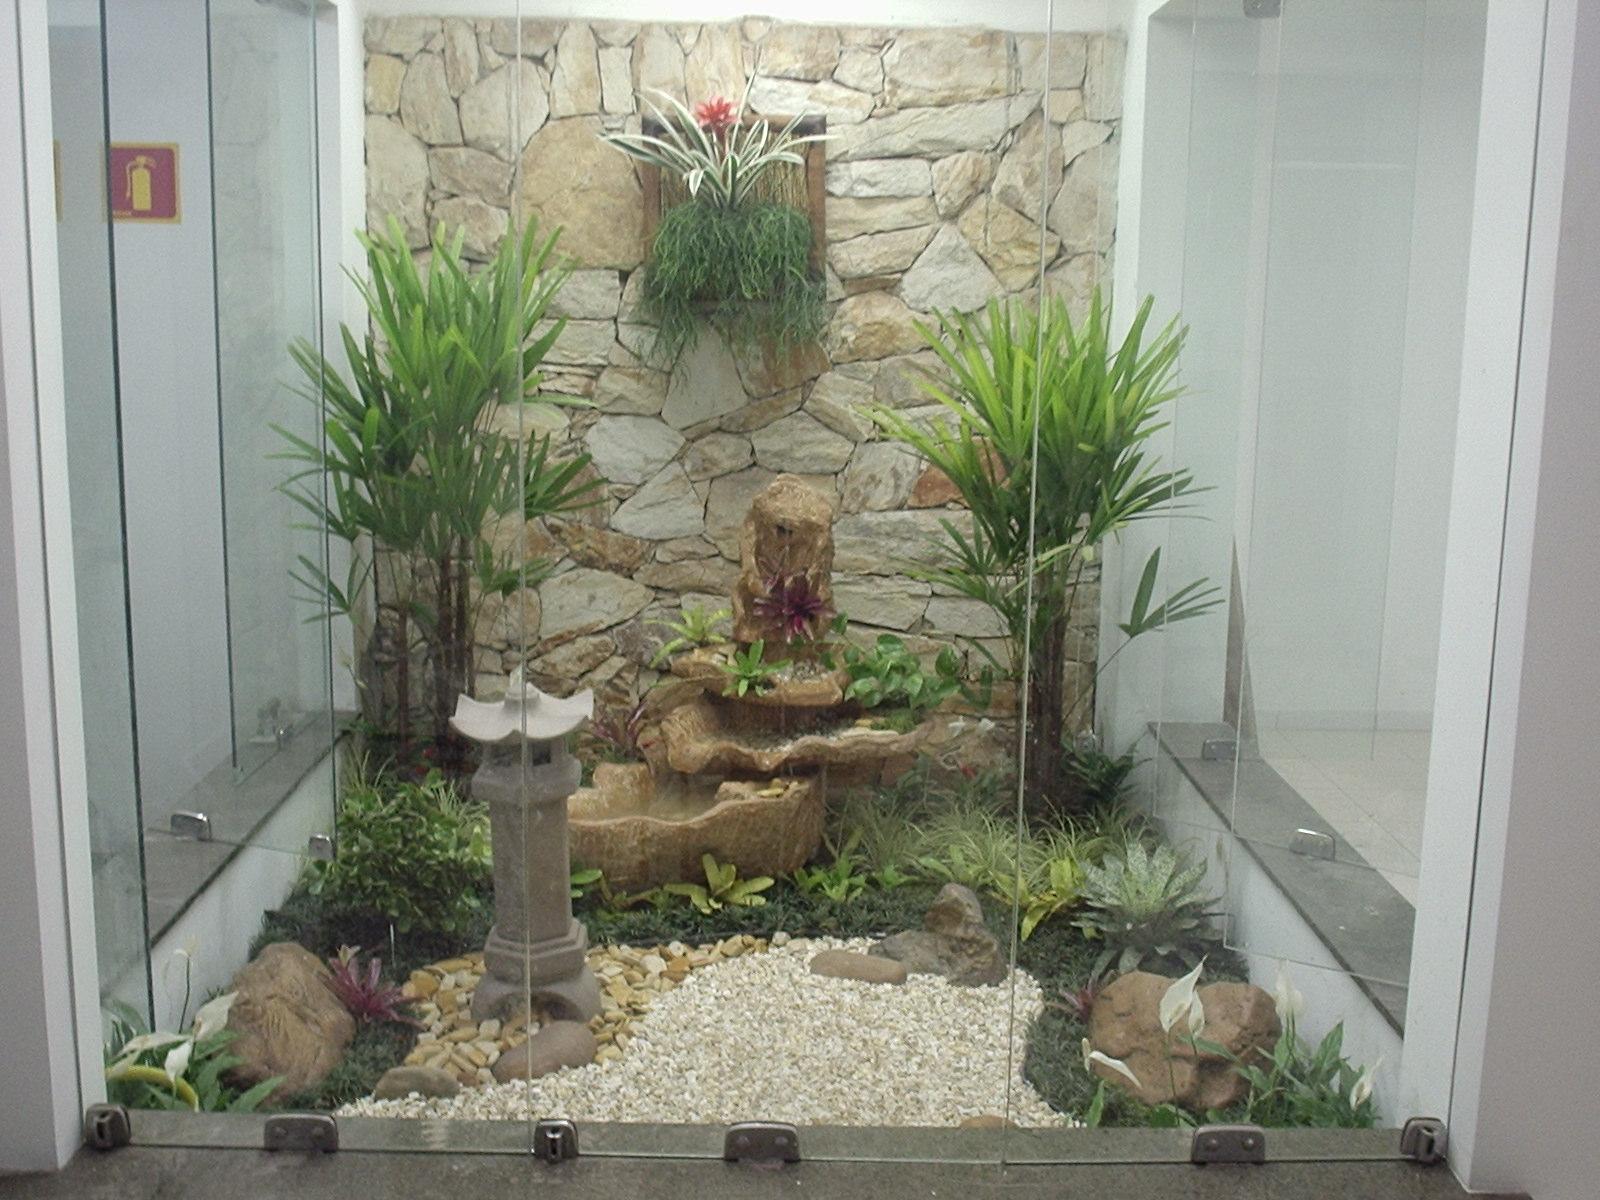 Para criarum jardim japonês é necessário reservar um espaço